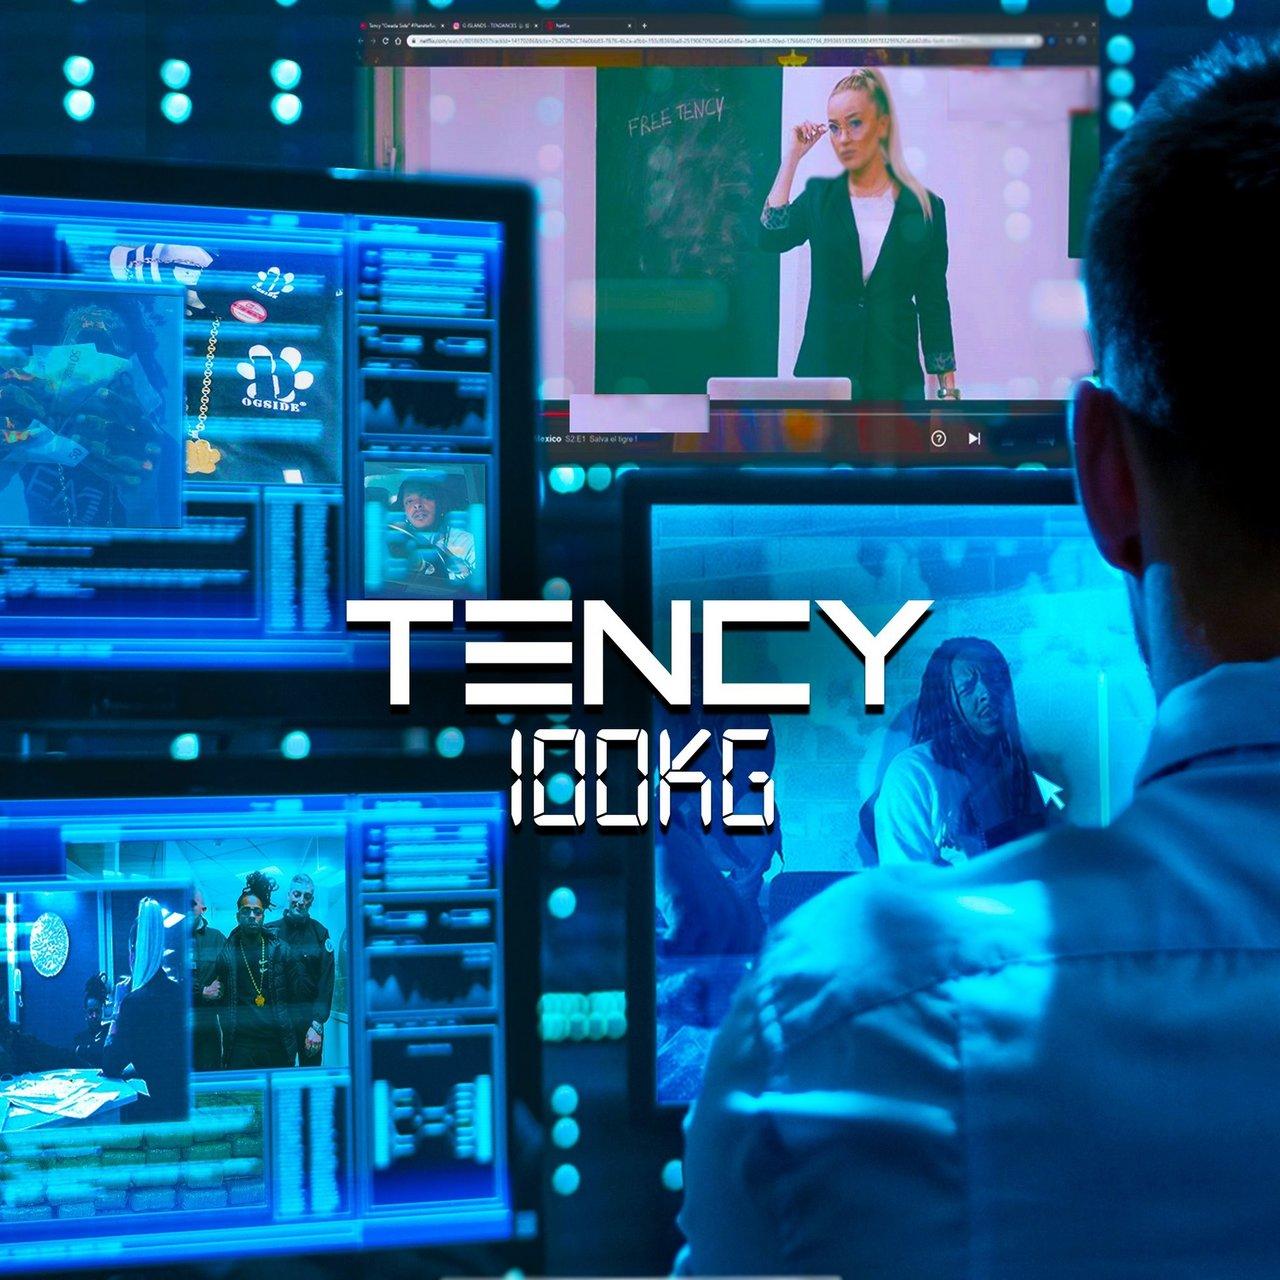 Tency - 100 Kg (Cover)